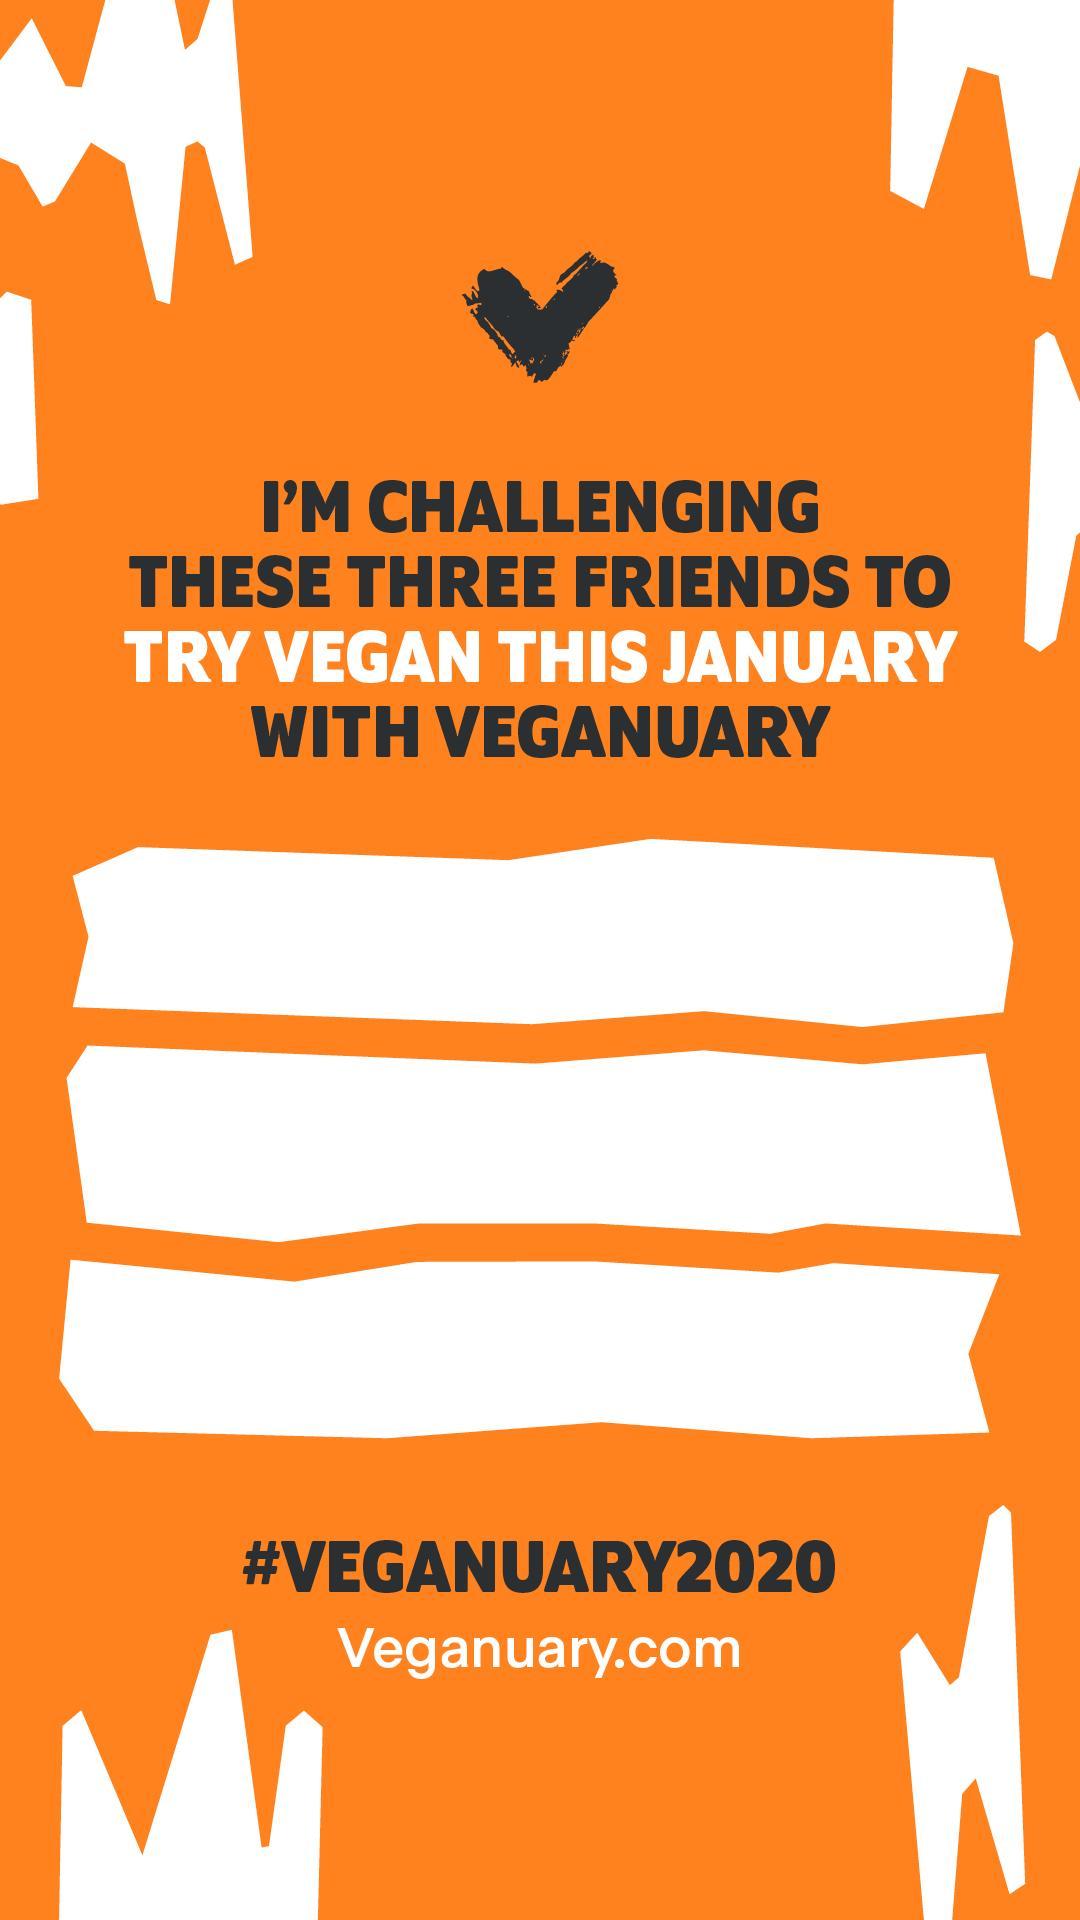 veganuary-igstories-1-1577136229722.jpg